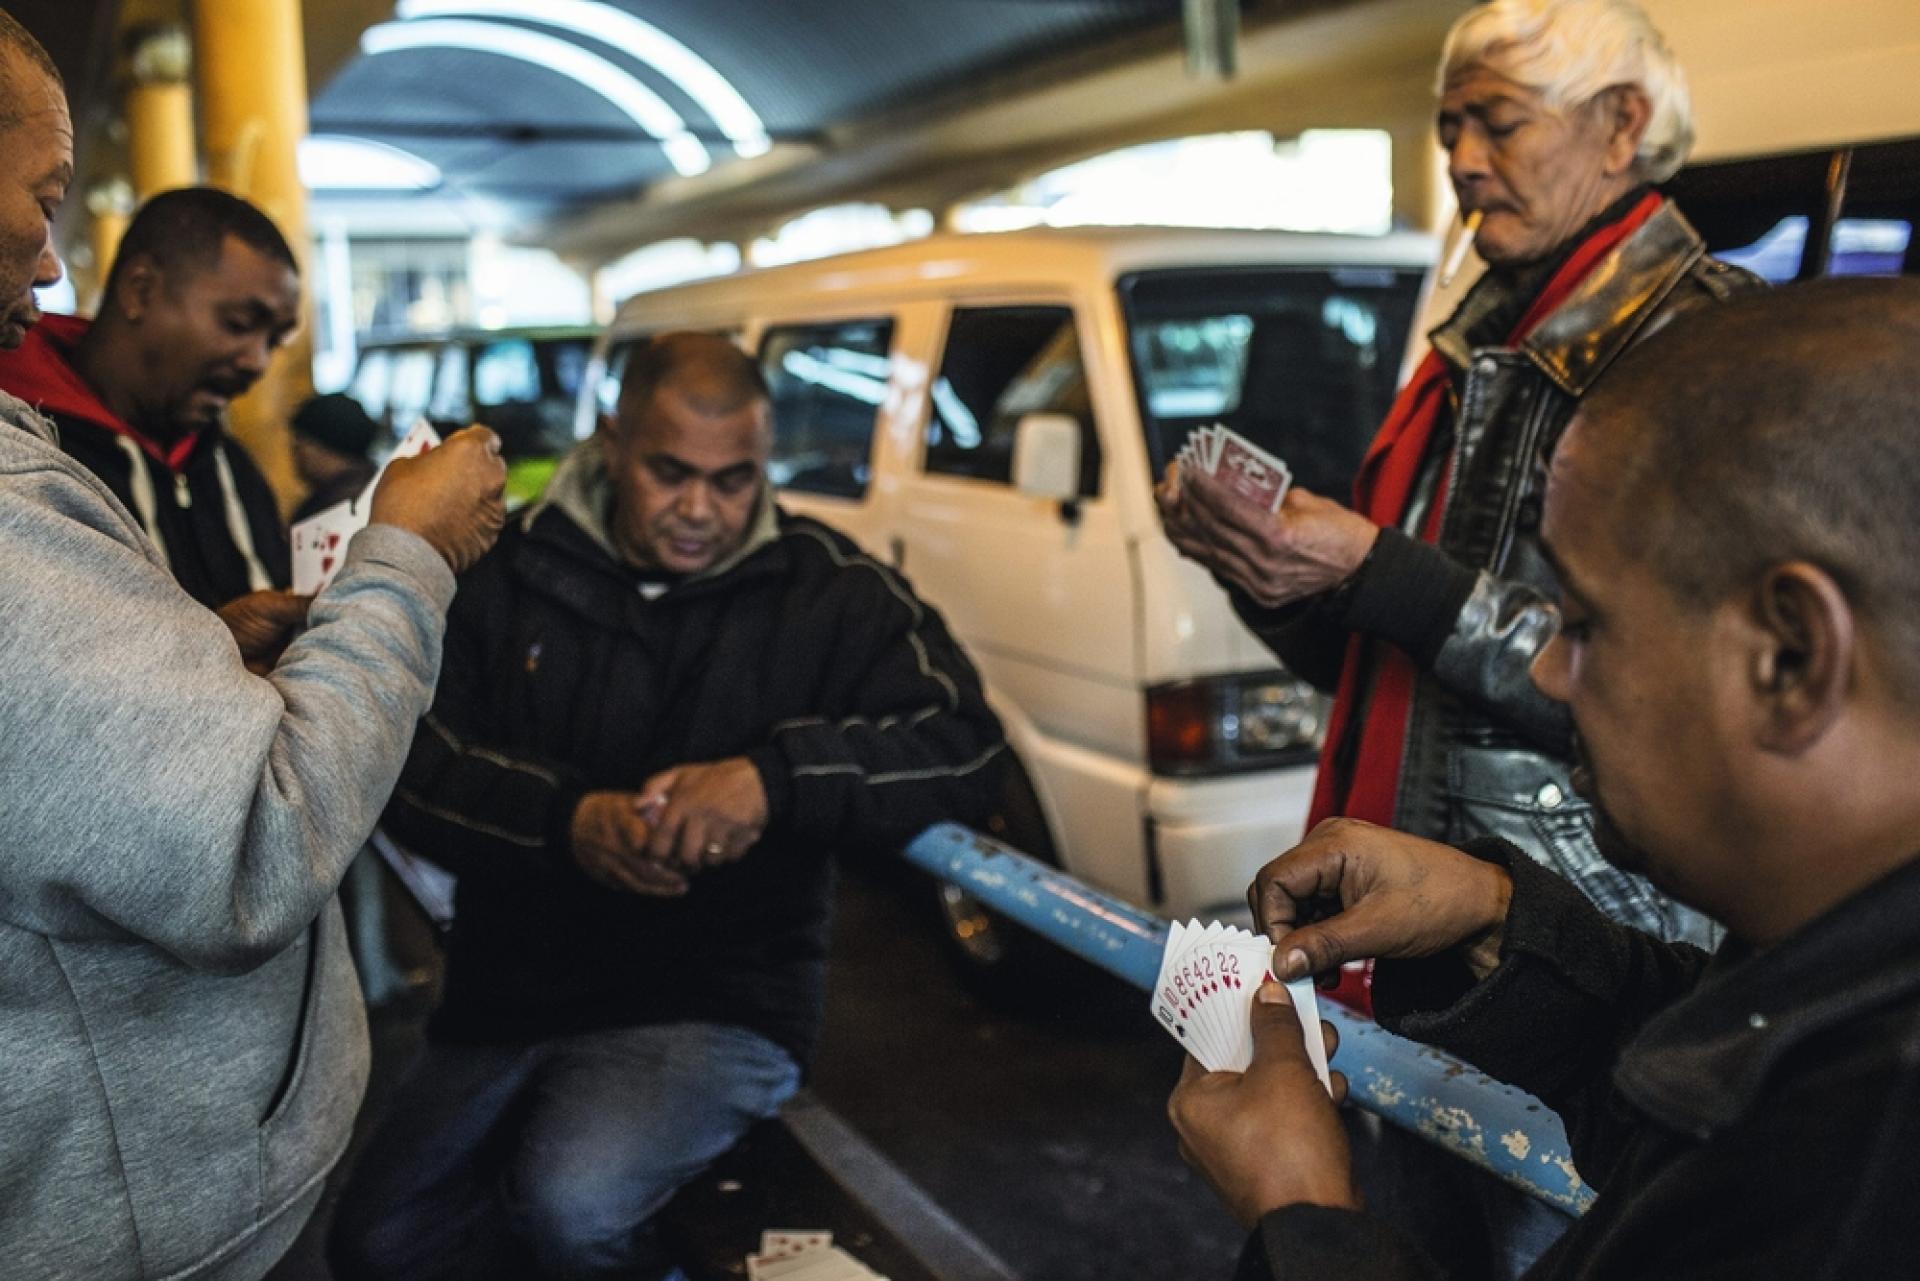 L'absence d'horaires peut désorienter le voyageur occidental : un taxi-minibus ne quitte la gare routière que quand il est plein. En attendant,  les chauffeurs discutent et jouent aux cartes.